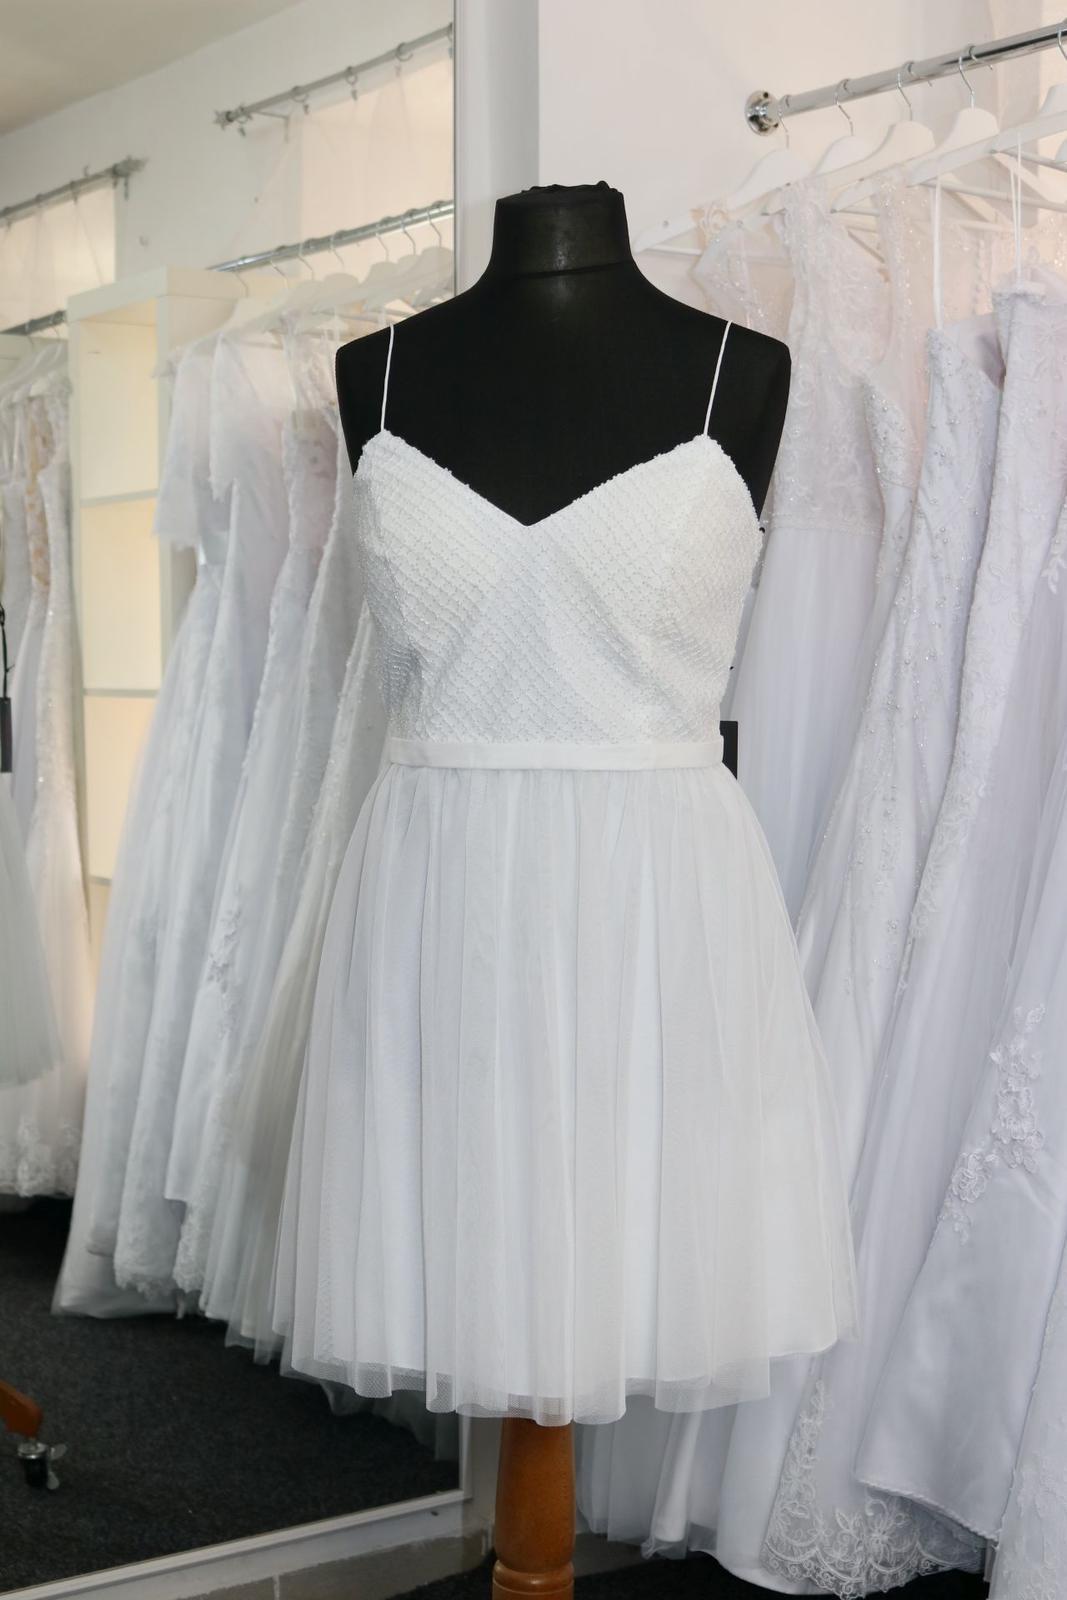 Nové svatební šaty krátké vel. 42 - Obrázek č. 2